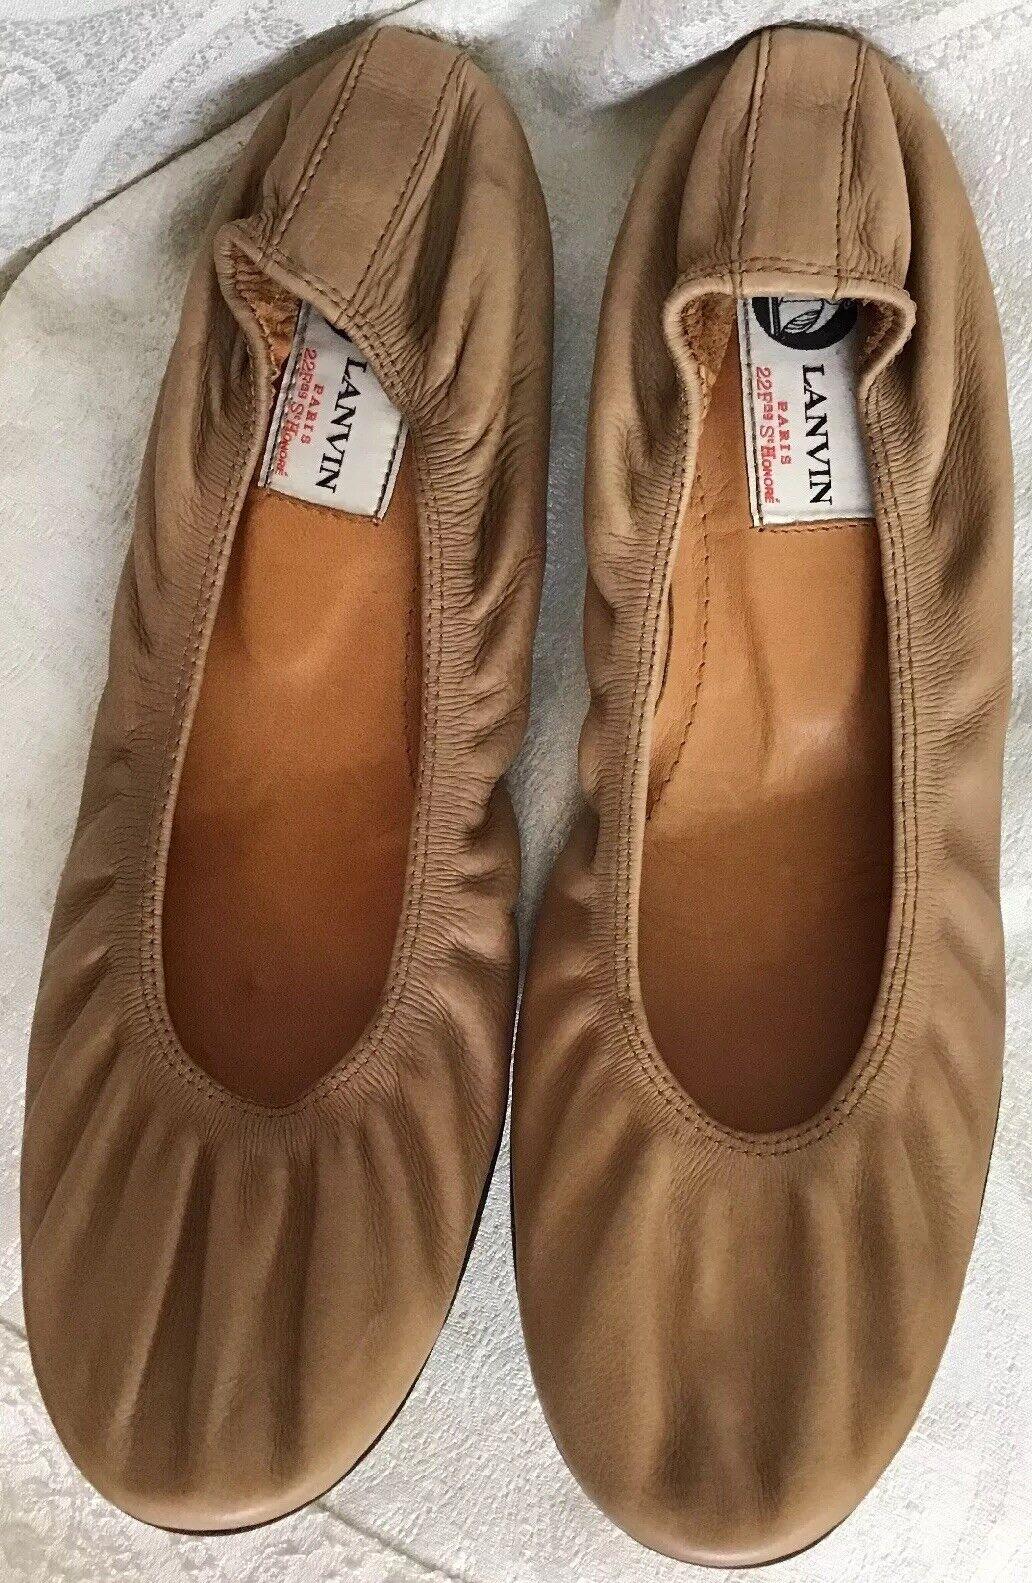 Lanvin Lanvin Lanvin shoes Beige Leather Ballerina Flat Size 40 Fits Size 8 1 2 To 9 7dc695